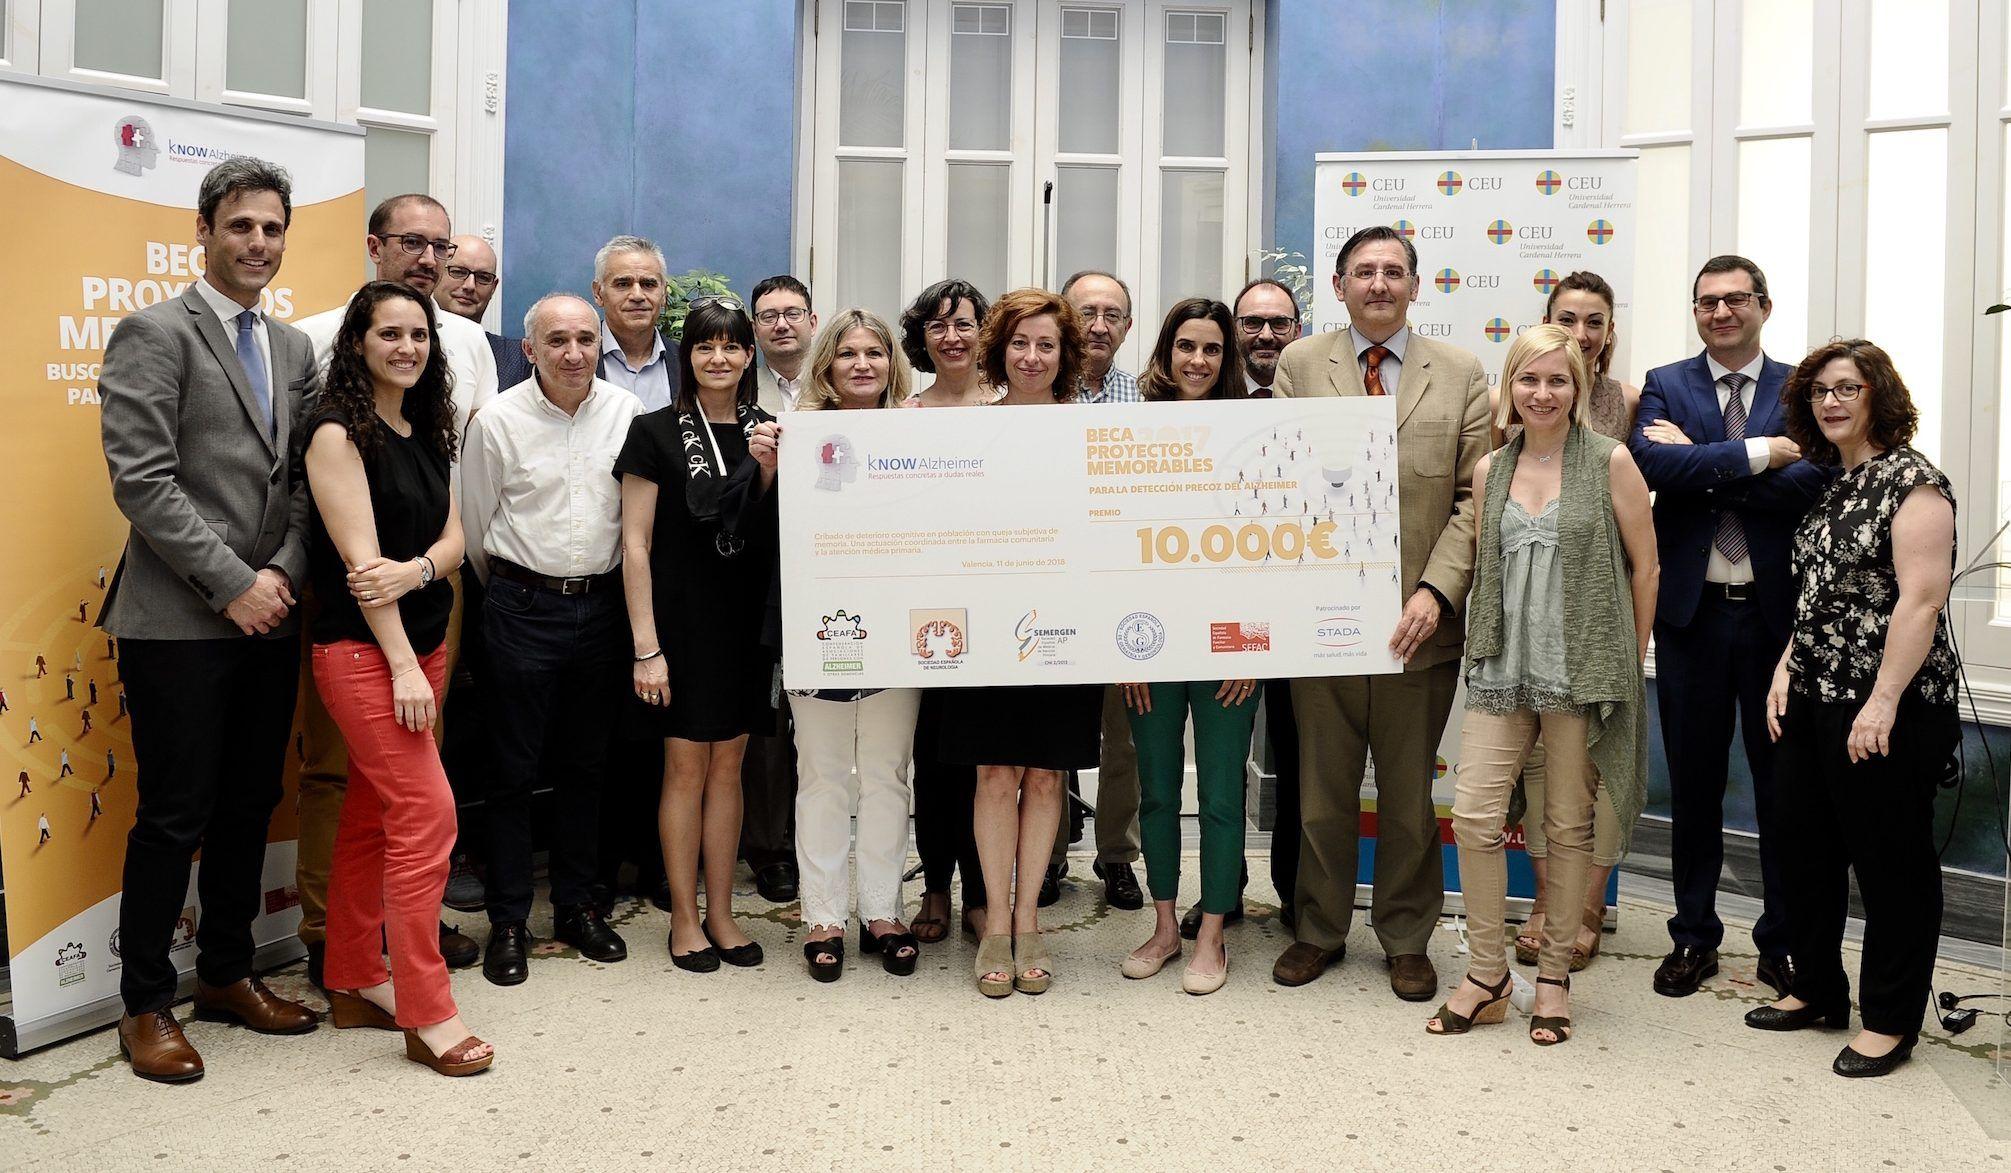 Investigadores de la CEU UCH, SEMERGEN, SEFAC y el Hospital Arnau de Vilanova, representantes de kNOW Alzheimer y de Laboratorios STADA, en la entrega de la beca.